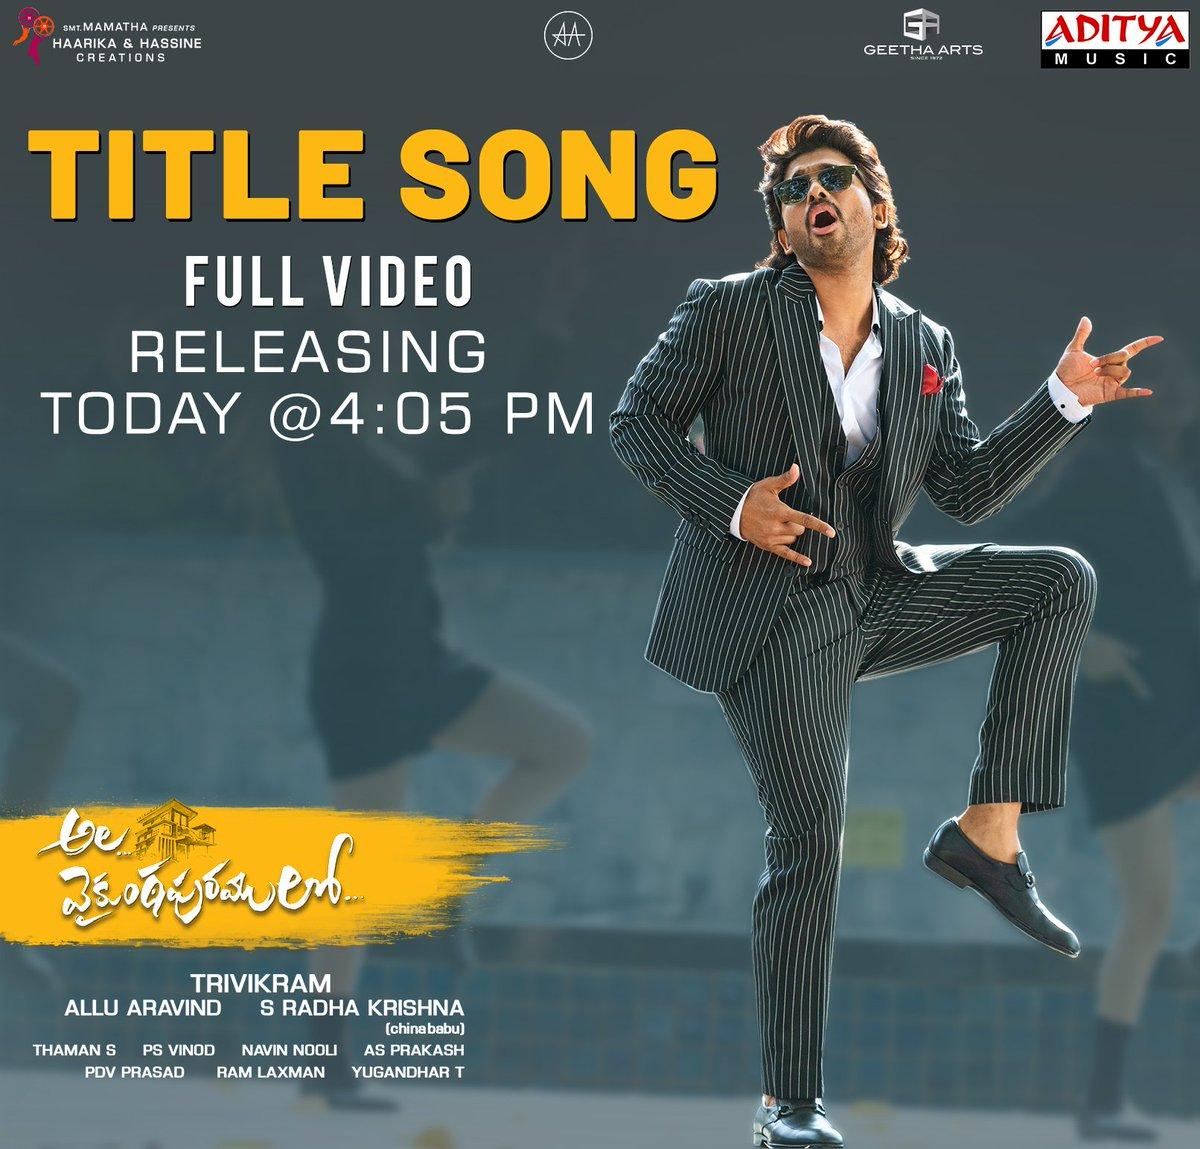 #AlaVaikunthapurramuloo Title Song Full Video Releasing Today at 4:05pm  @alluarjun #Trivikram @hegdepooja @MusicThaman @srikrisin #PriyaSisters #KalyanChakravarthy #Tabu #Jayaram #NivethaPethuraj @iamSushanthA @pnavdeep26 @Mee_Sunil #PSVinod @haarikahassine @GeethaArts @vamsi84